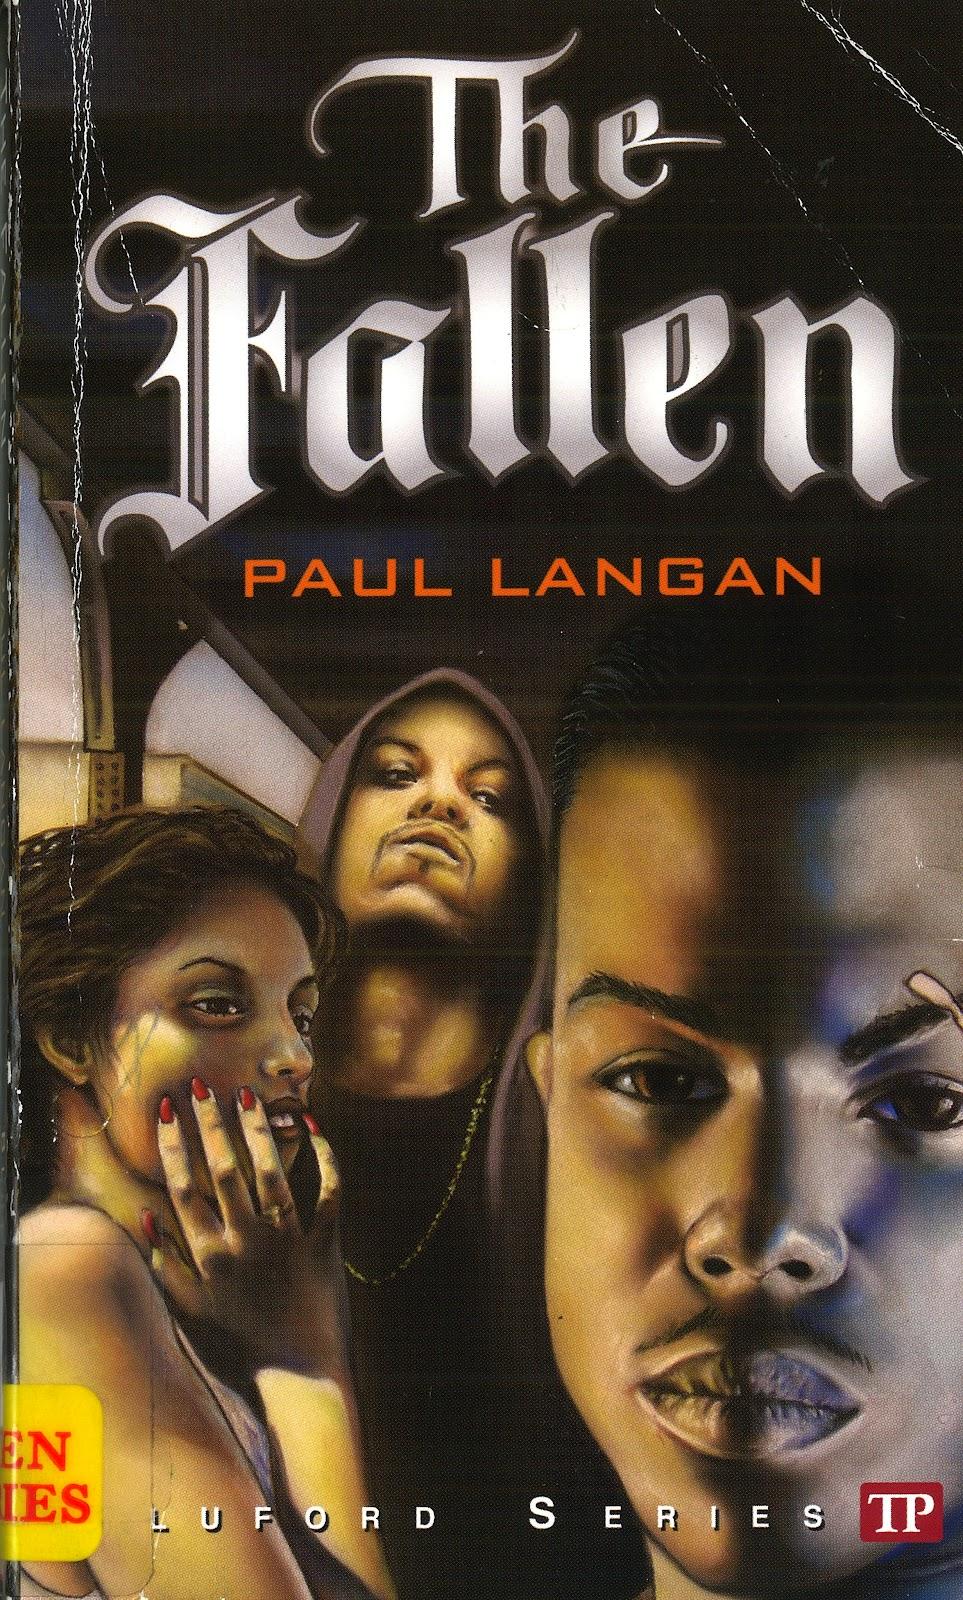 Paul Langan Book Series